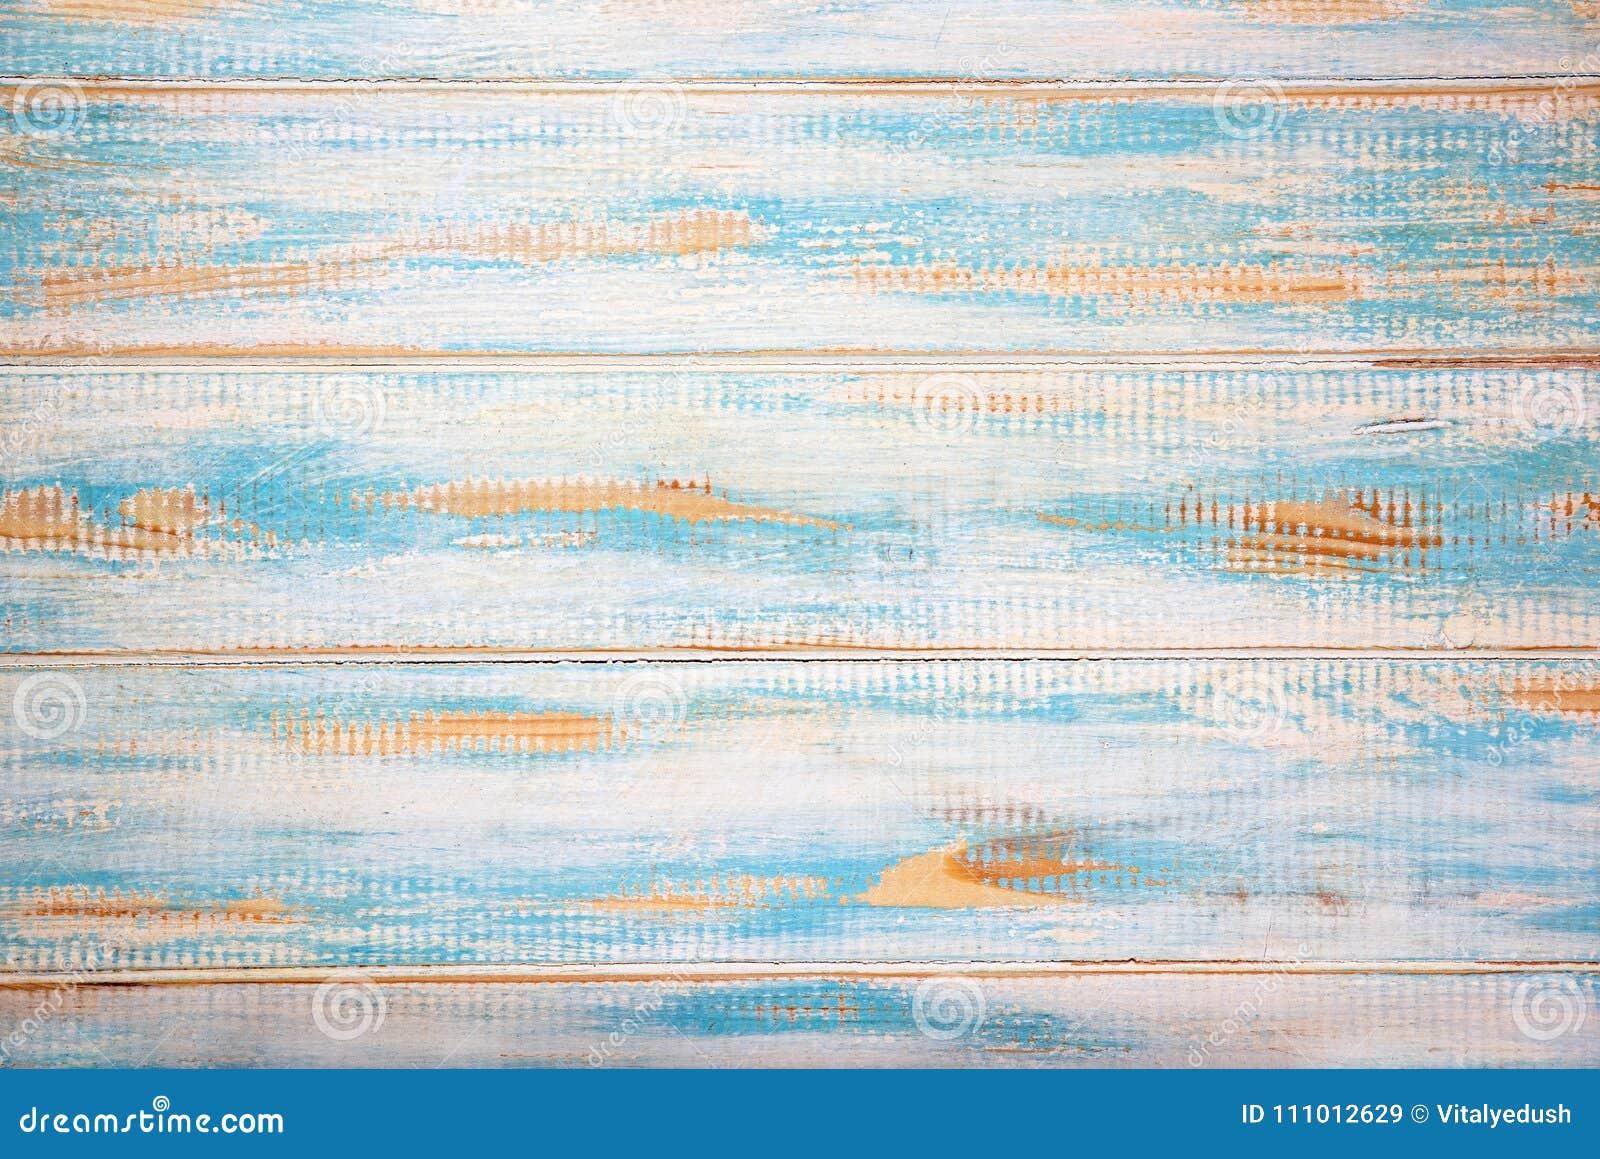 Предпосылка обоев текстуры искусства деревенского амбара деревянная